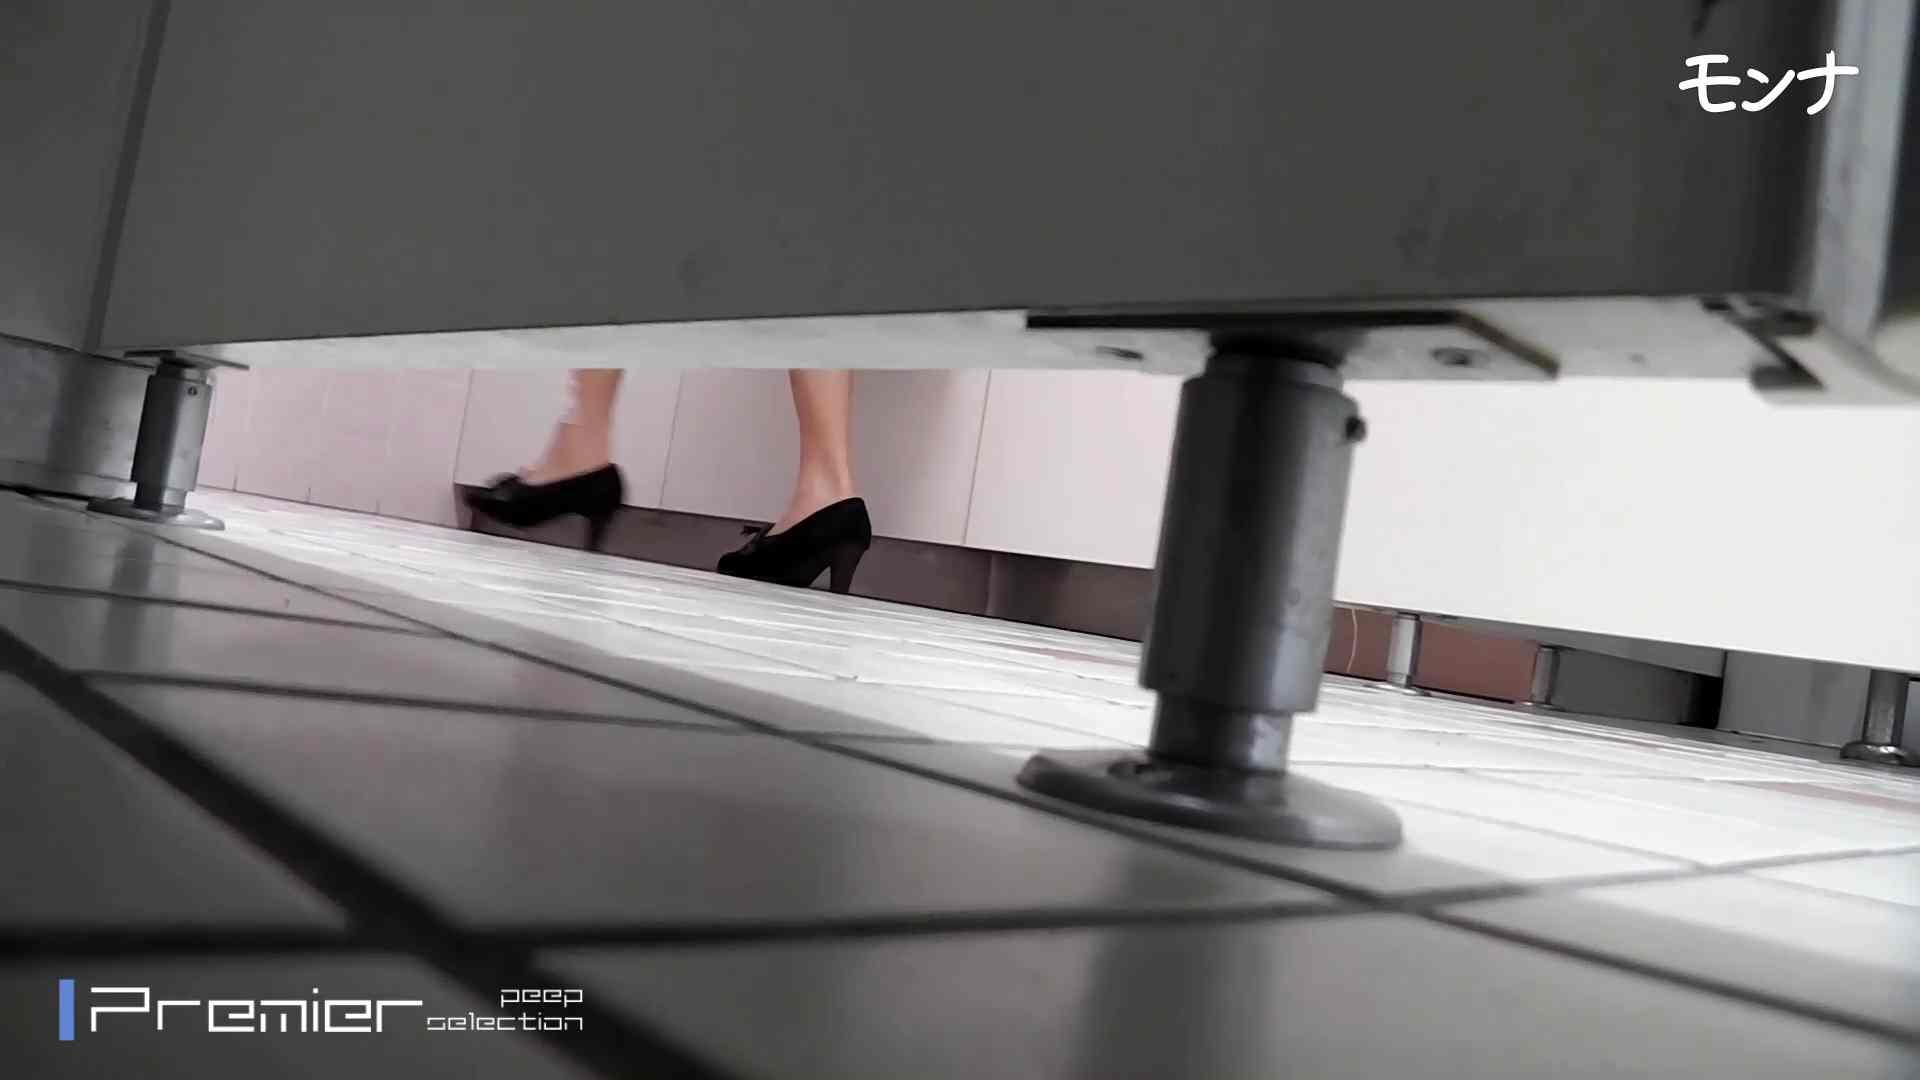 美しい日本の未来 No.84この美脚と距離感 覗き   小悪魔ギャル  111枚 109